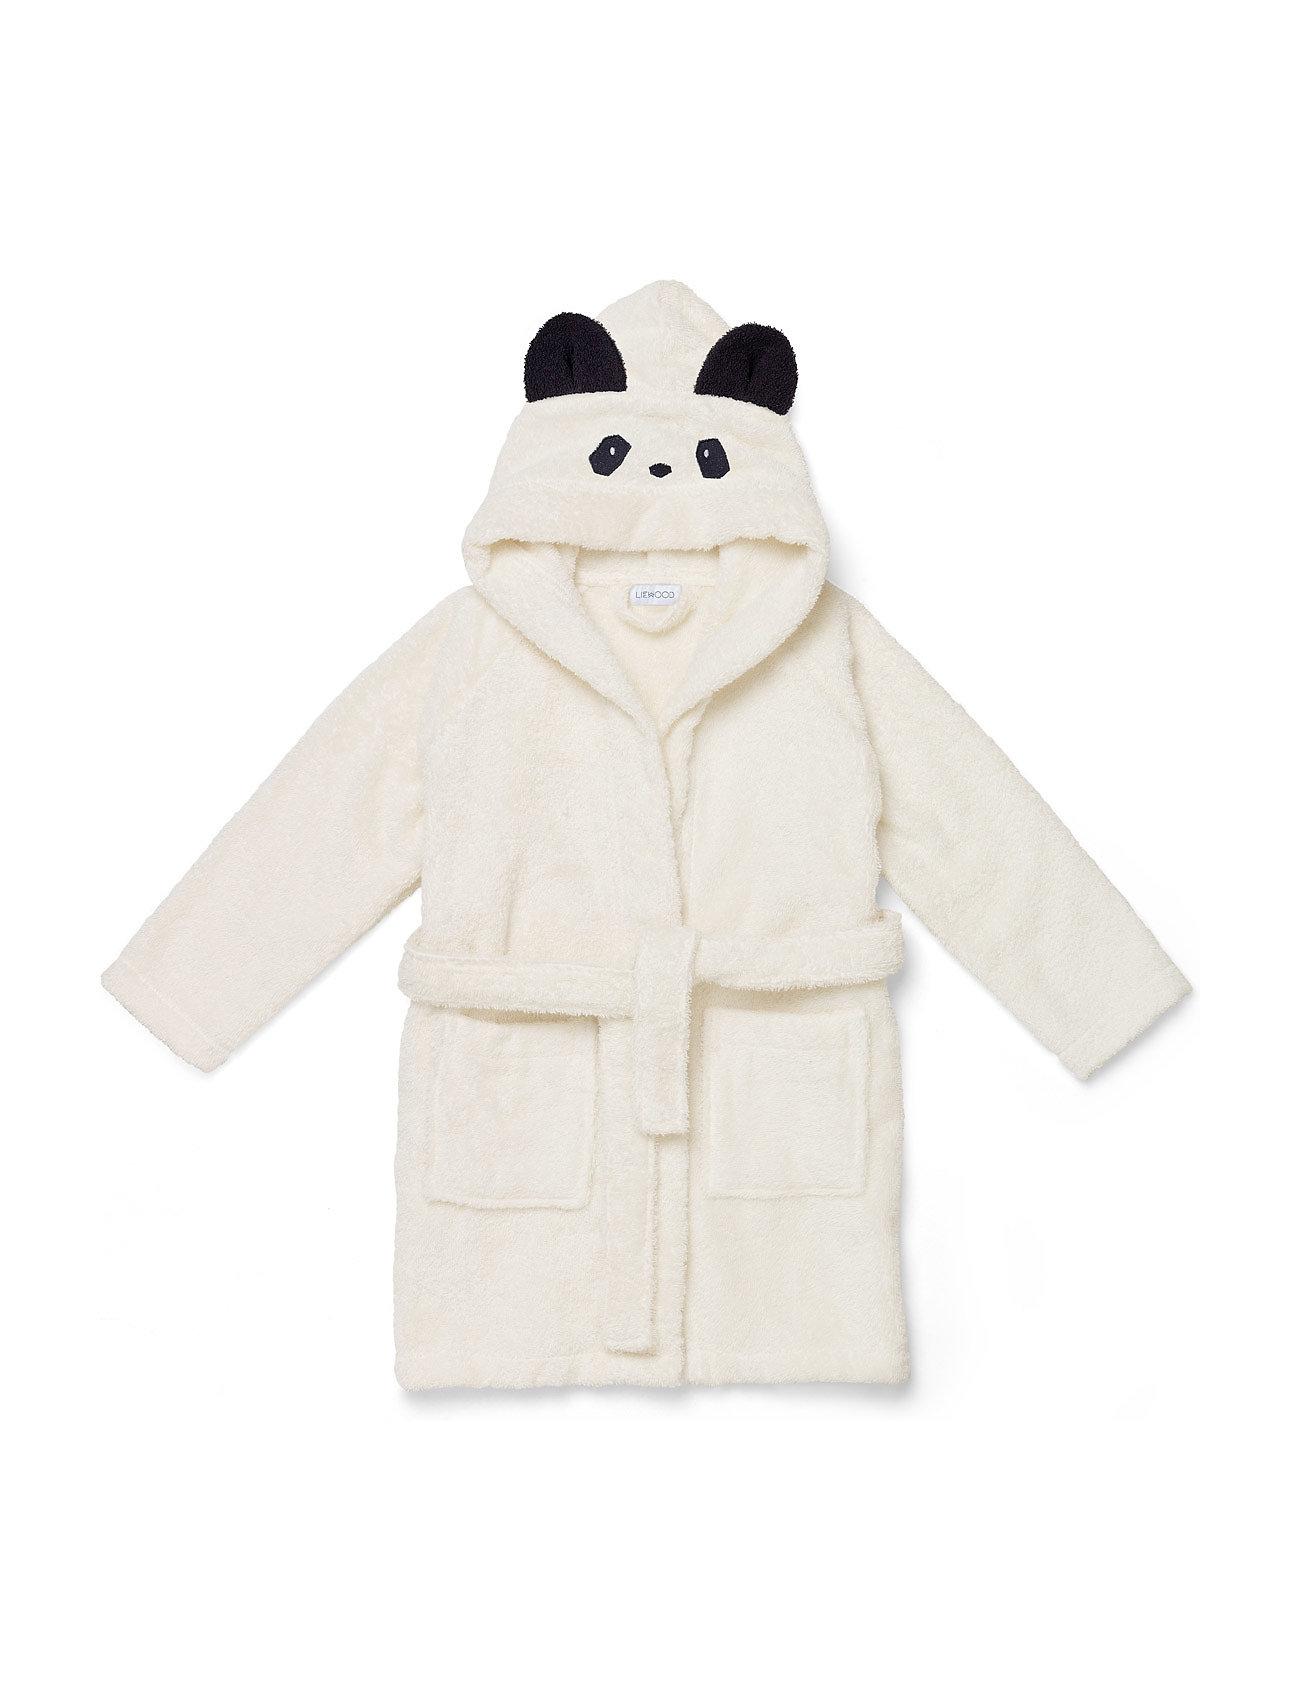 Liewood Lily bathrobe - PANDA CREME DE LA CREME